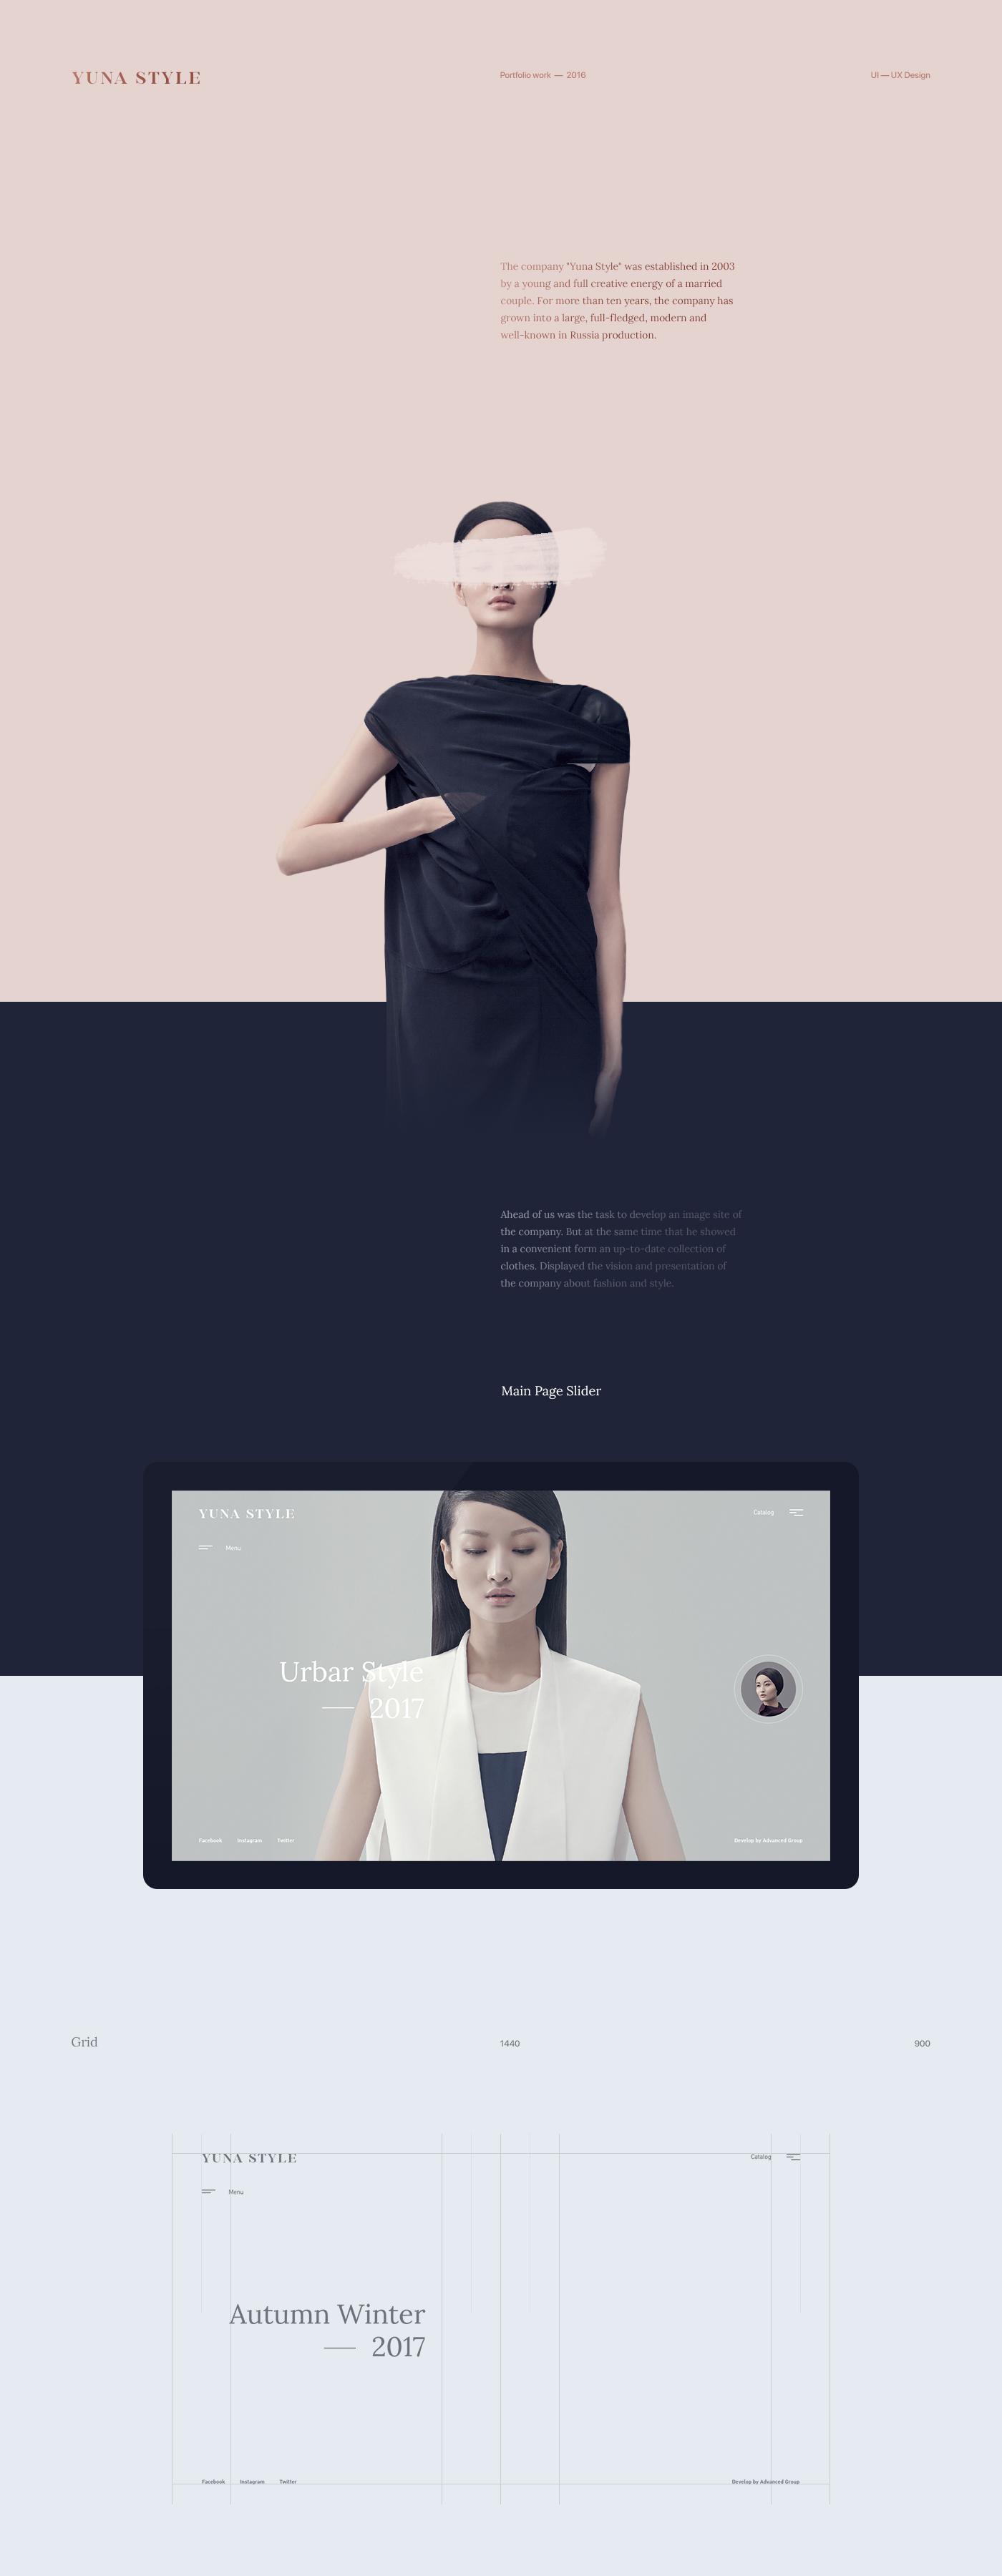 showroom commerce Fashion  catalog Style stylish dress shoes shirt women